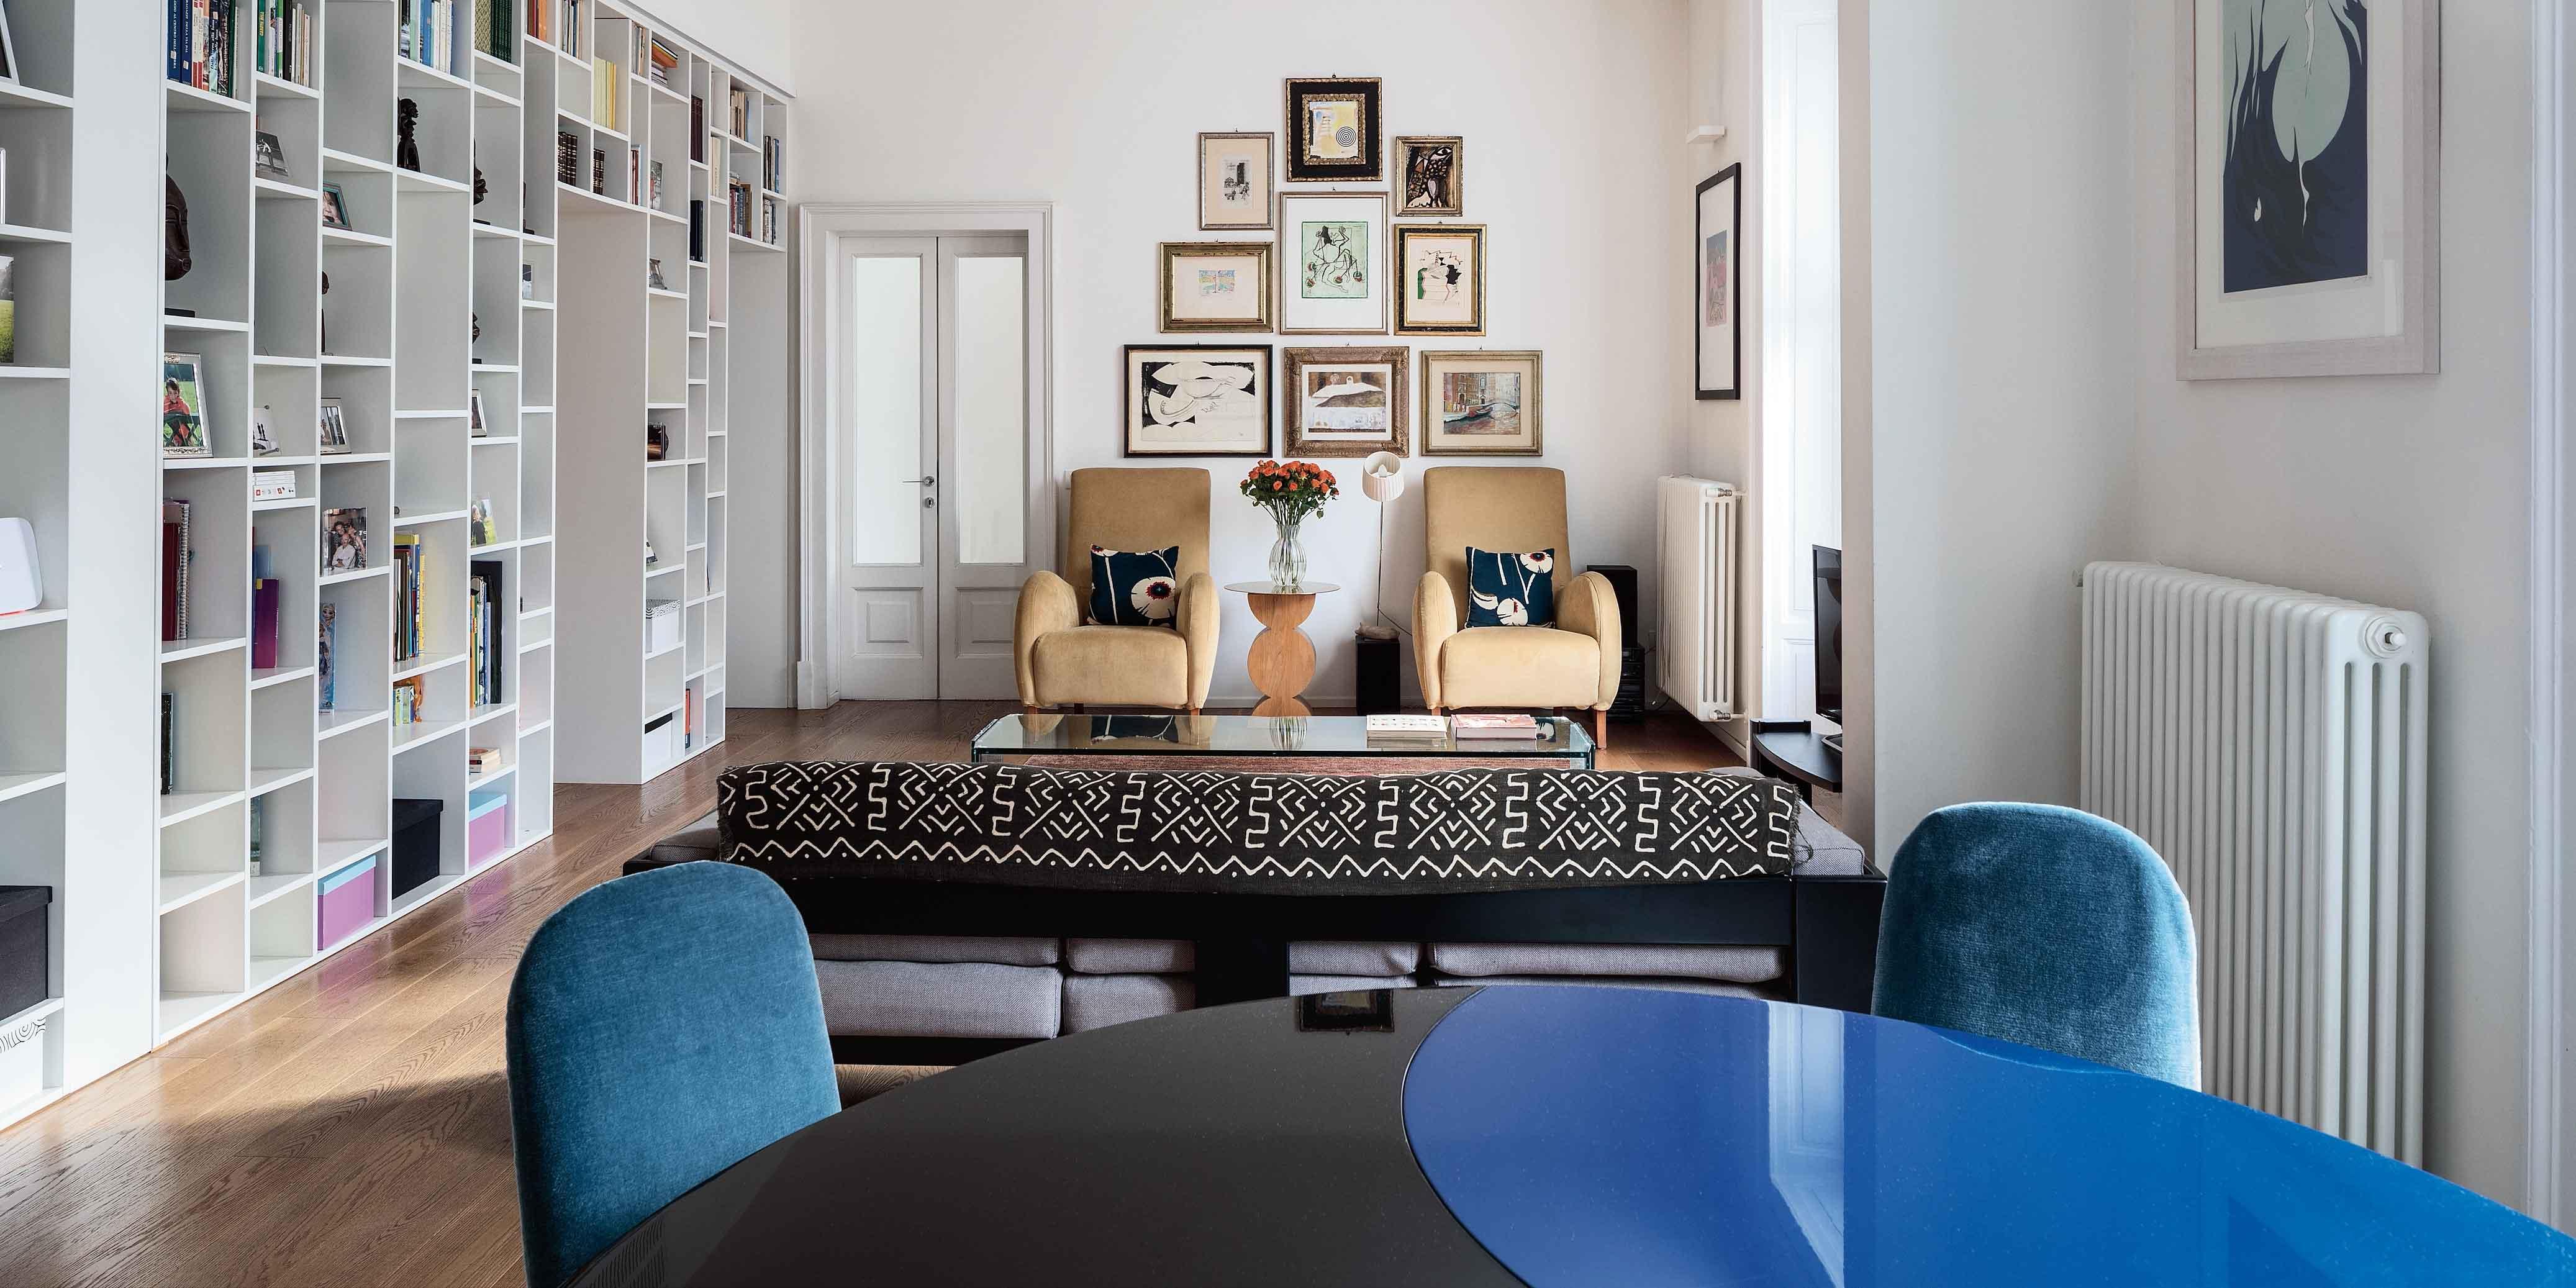 Libreria Scorrevole Fai Da Te appartamento tradizionale di 120 mq con librerie a tutta